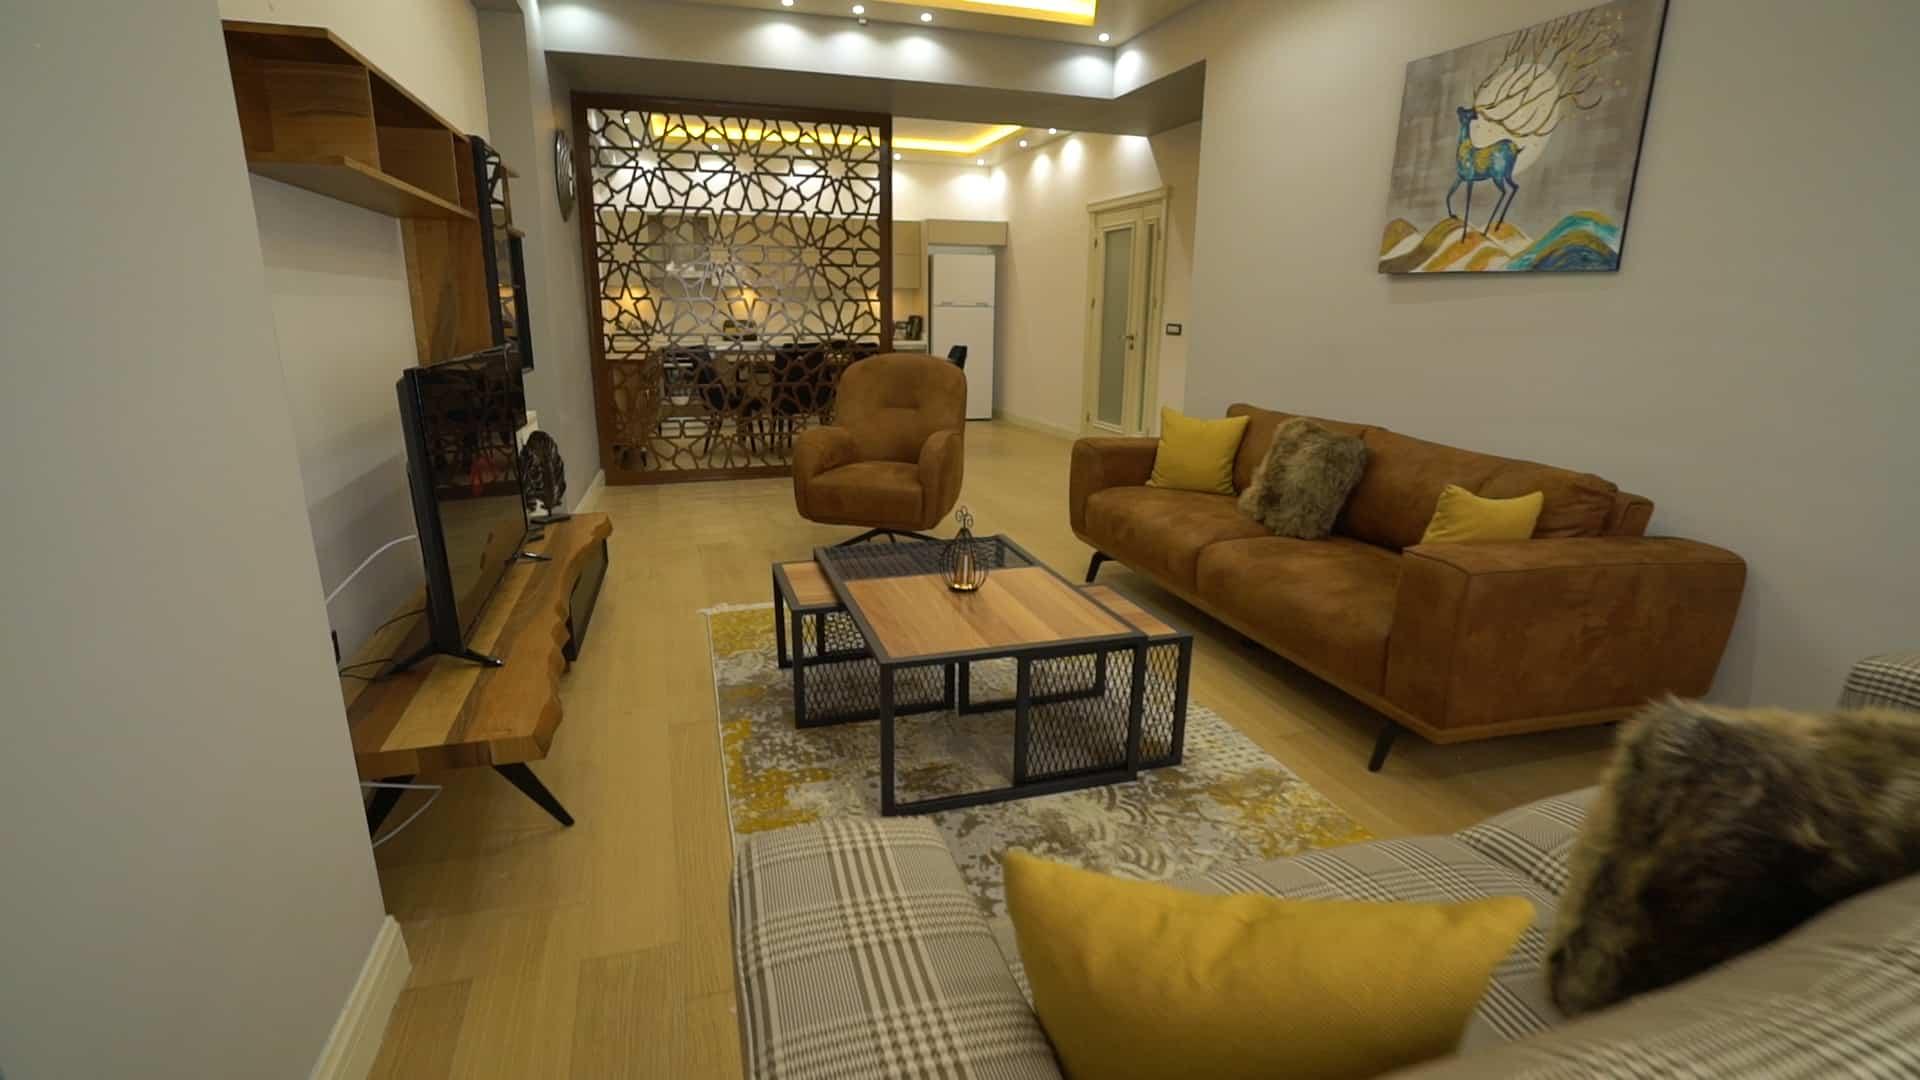 غرفة الجلوس شقق للايجار في فينيسيا لمدة اسبوع غرفتين وصالون